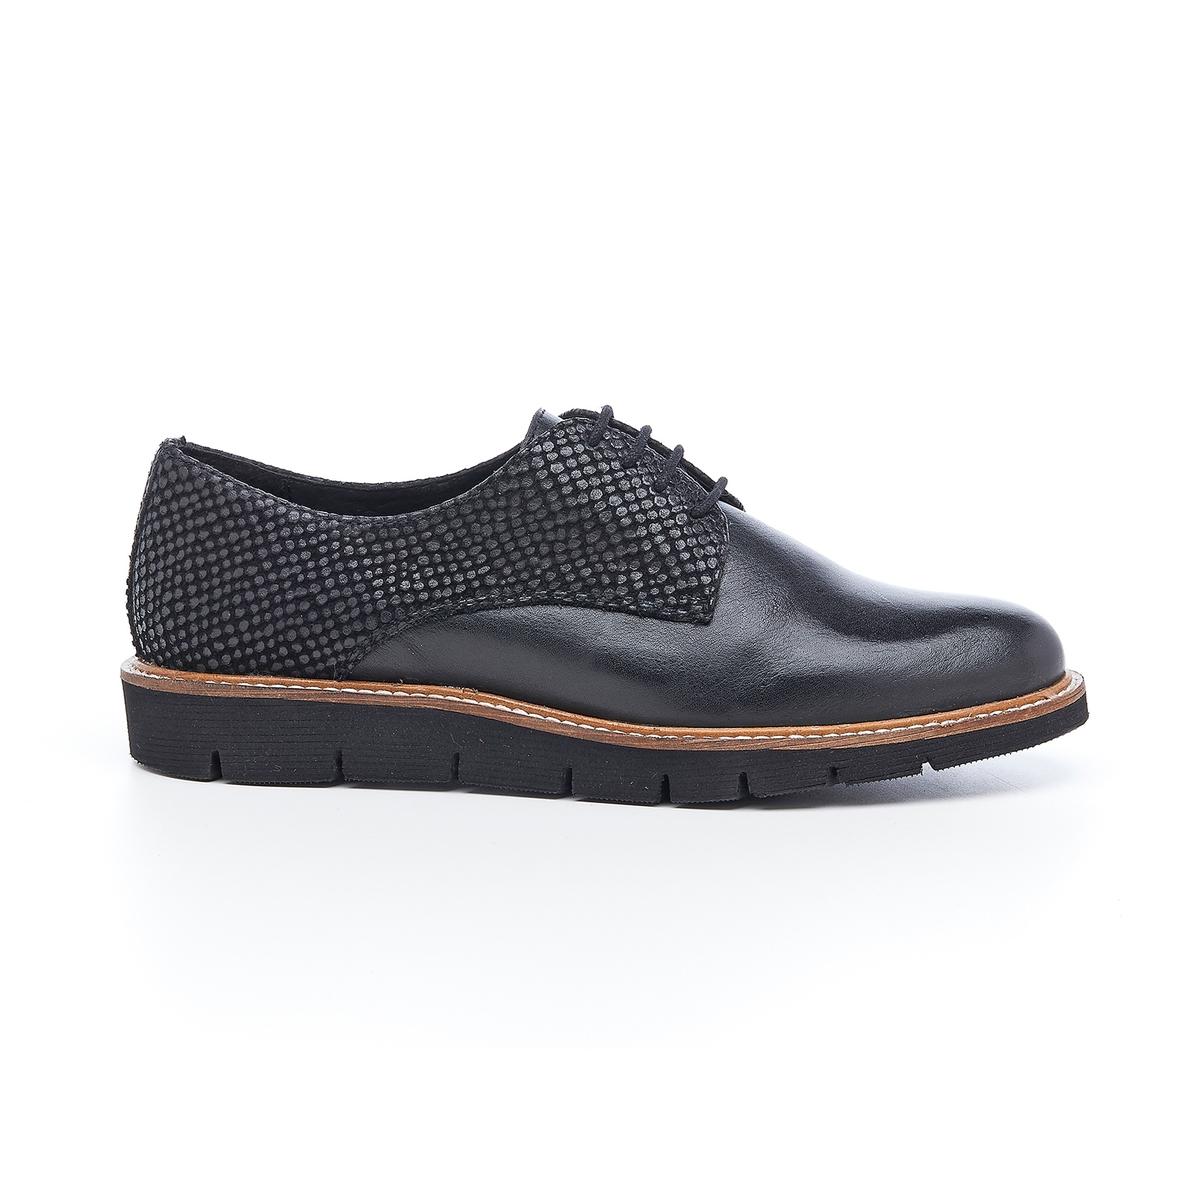 Ботинки-дерби кожаные Saule ботинки дерби под кожу питона